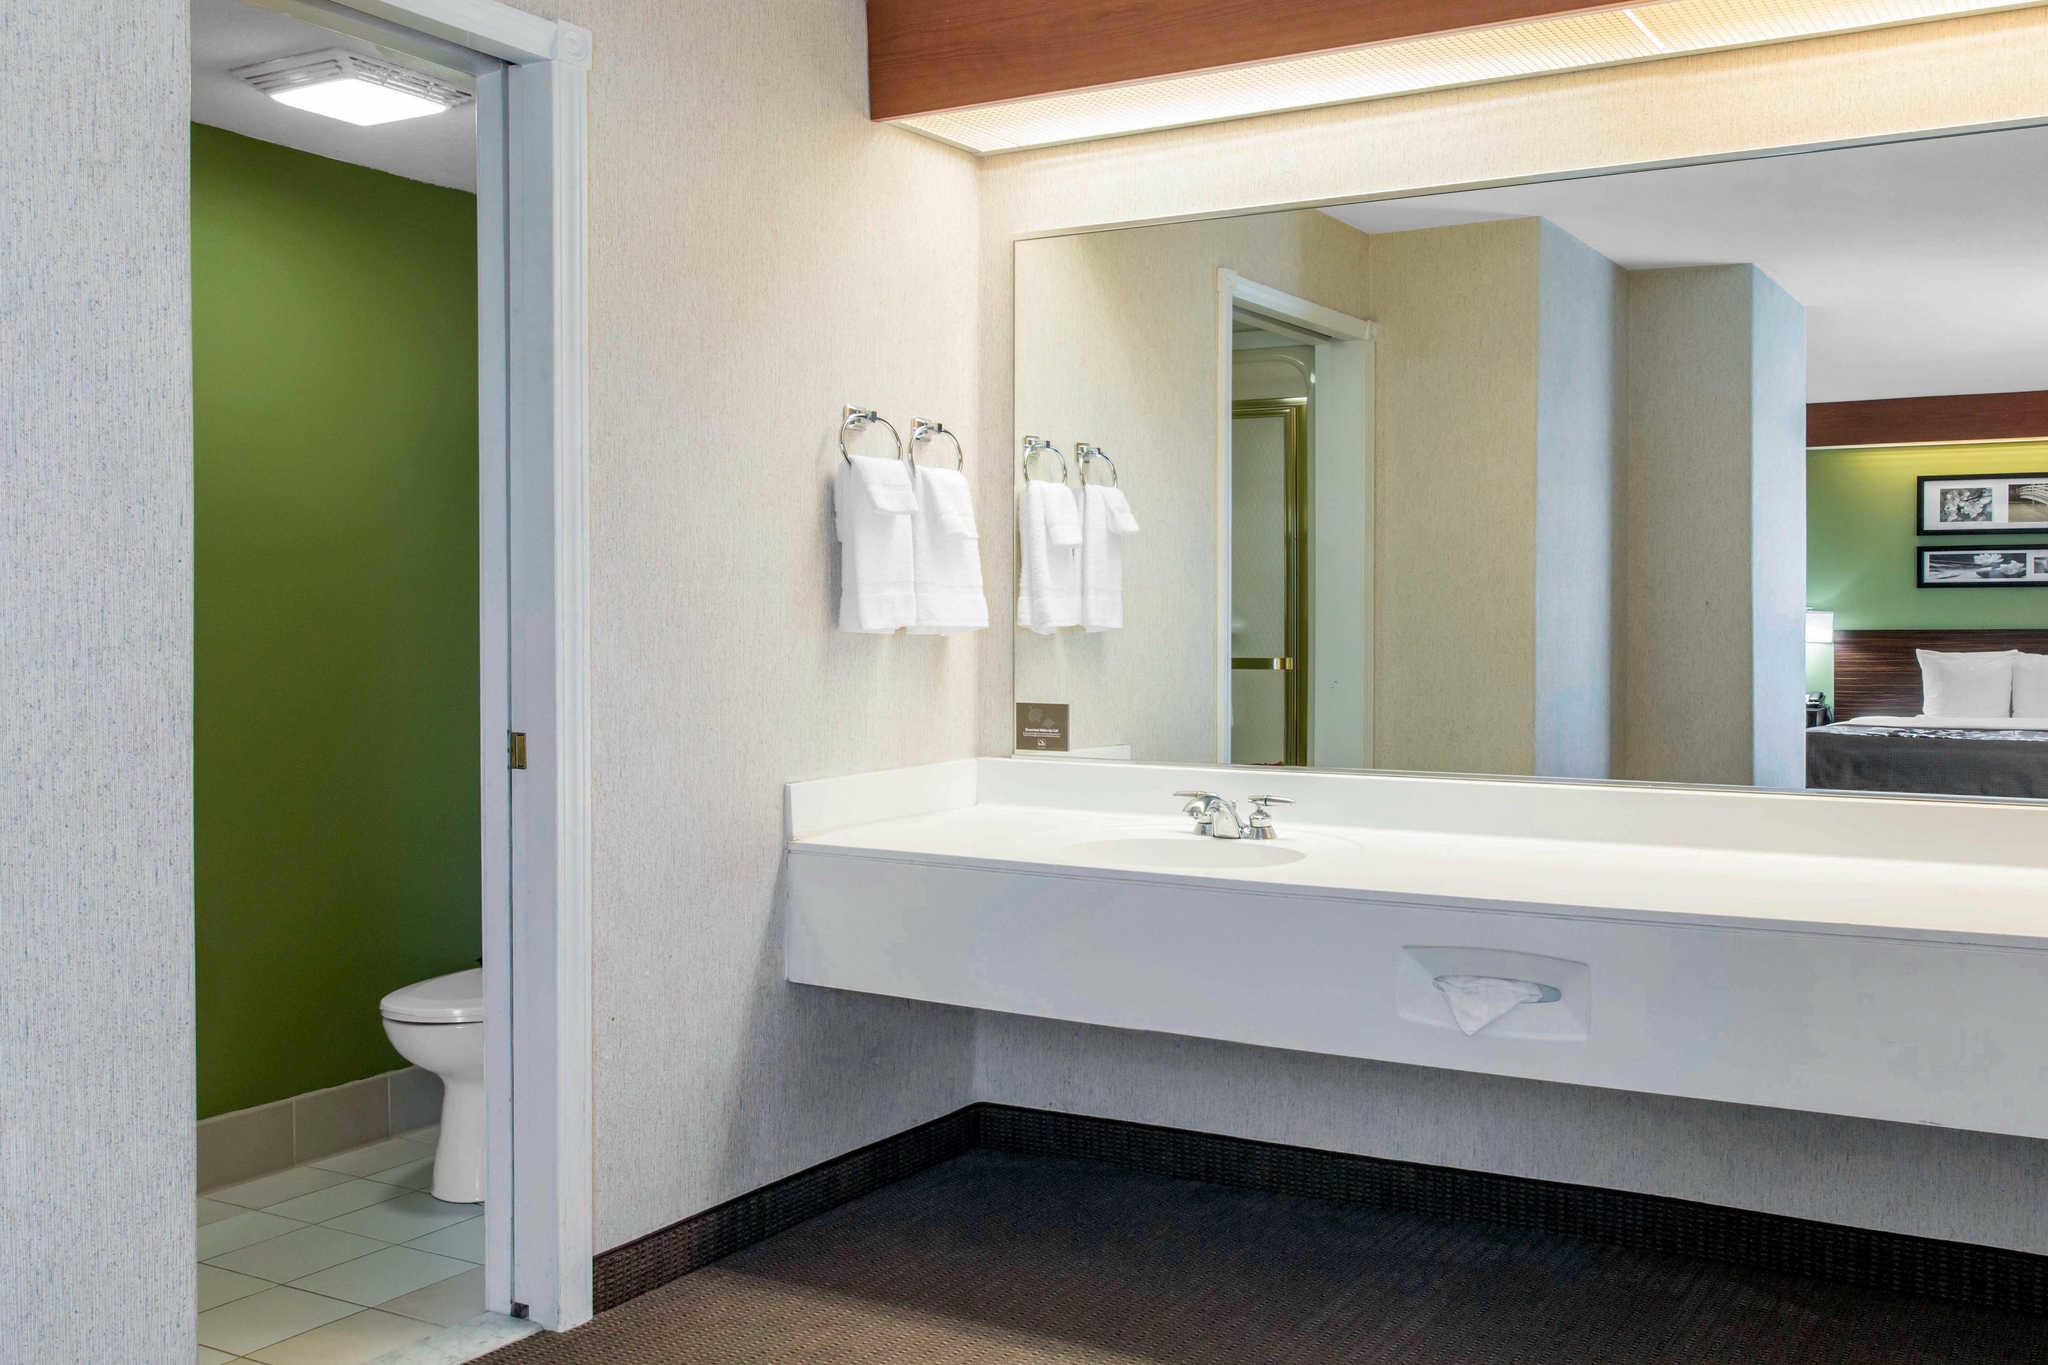 Sleep Inn & Suites image 30